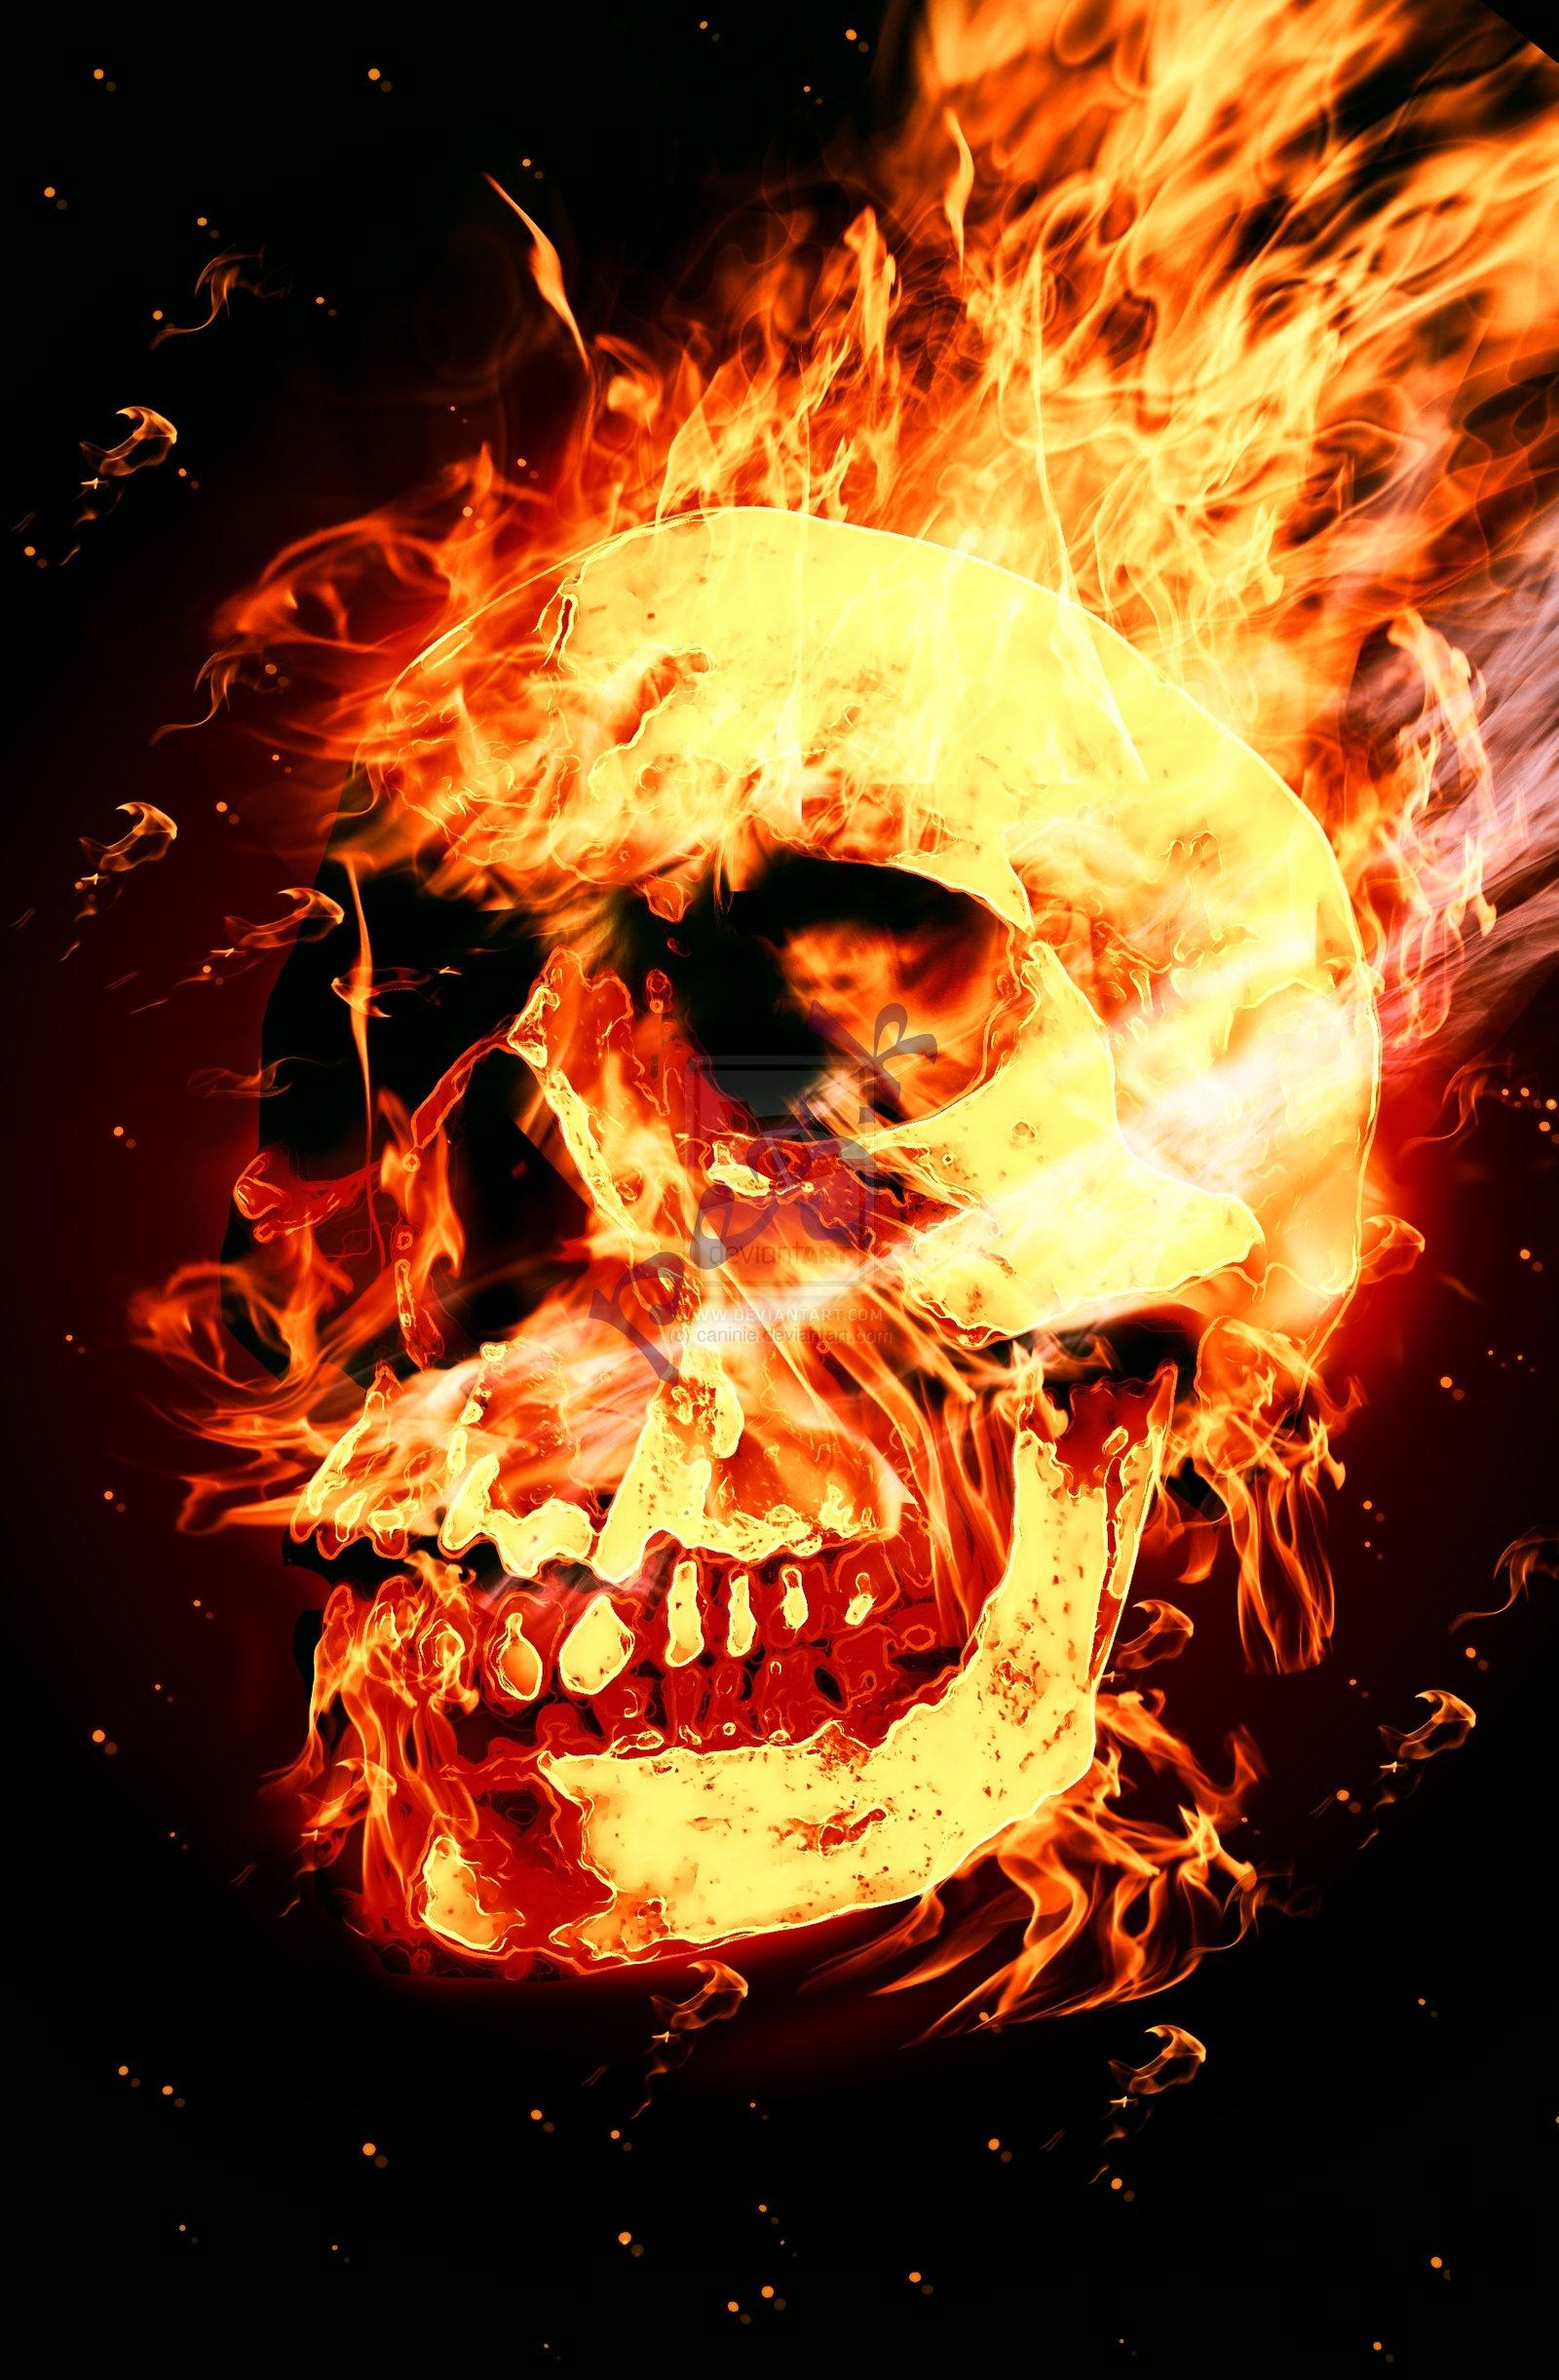 горящий череп картинку скачать